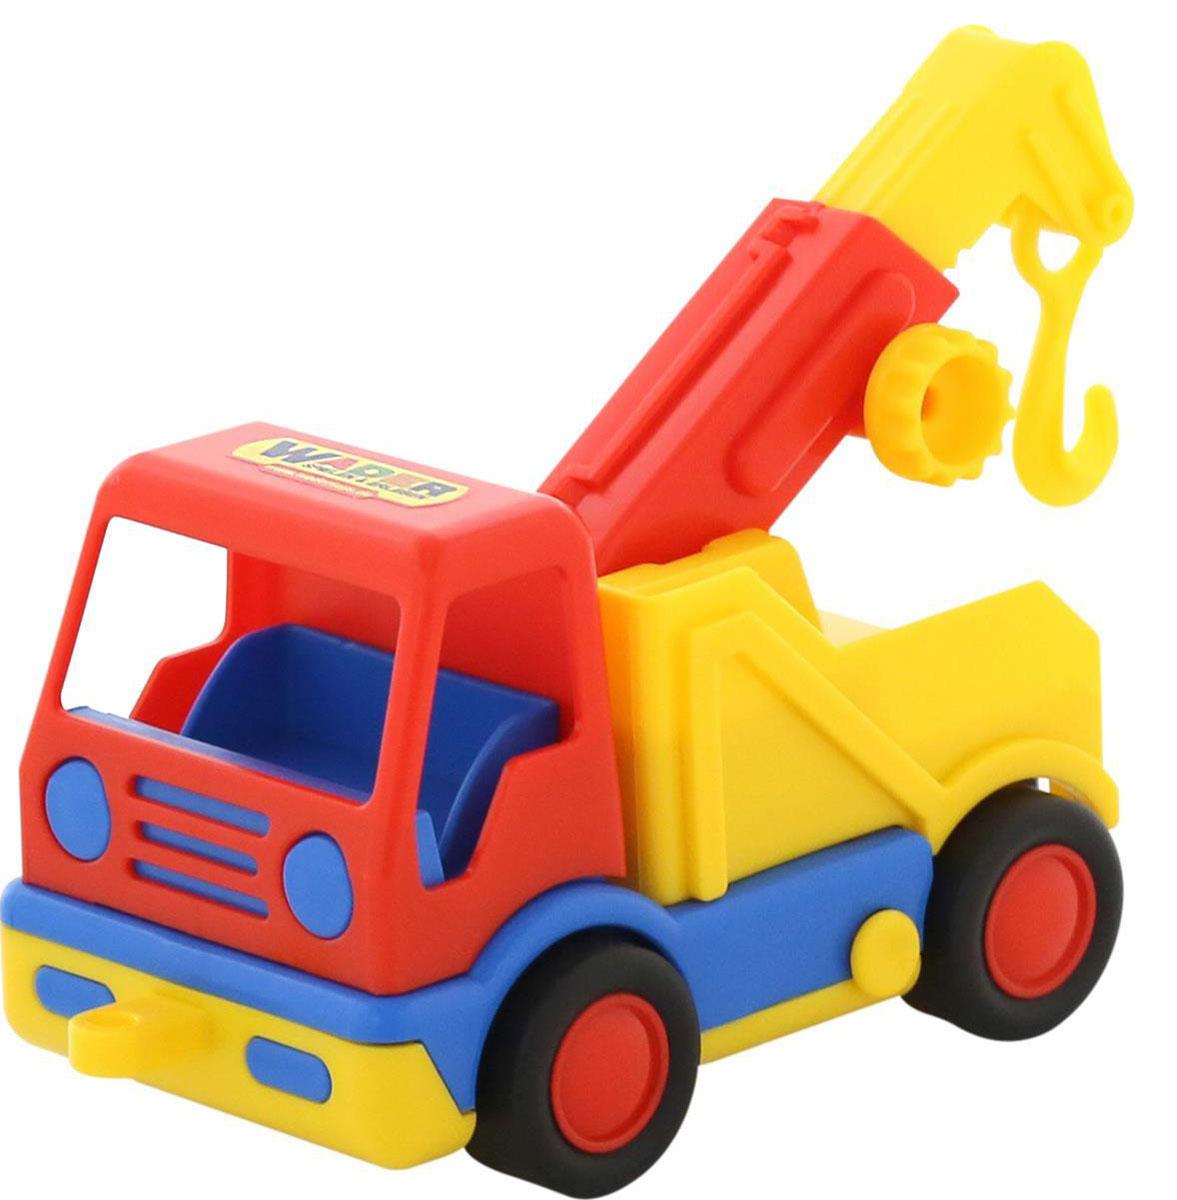 Полесье Эвакуатор Базик игрушечные машинки на пульте управления по грязи купить